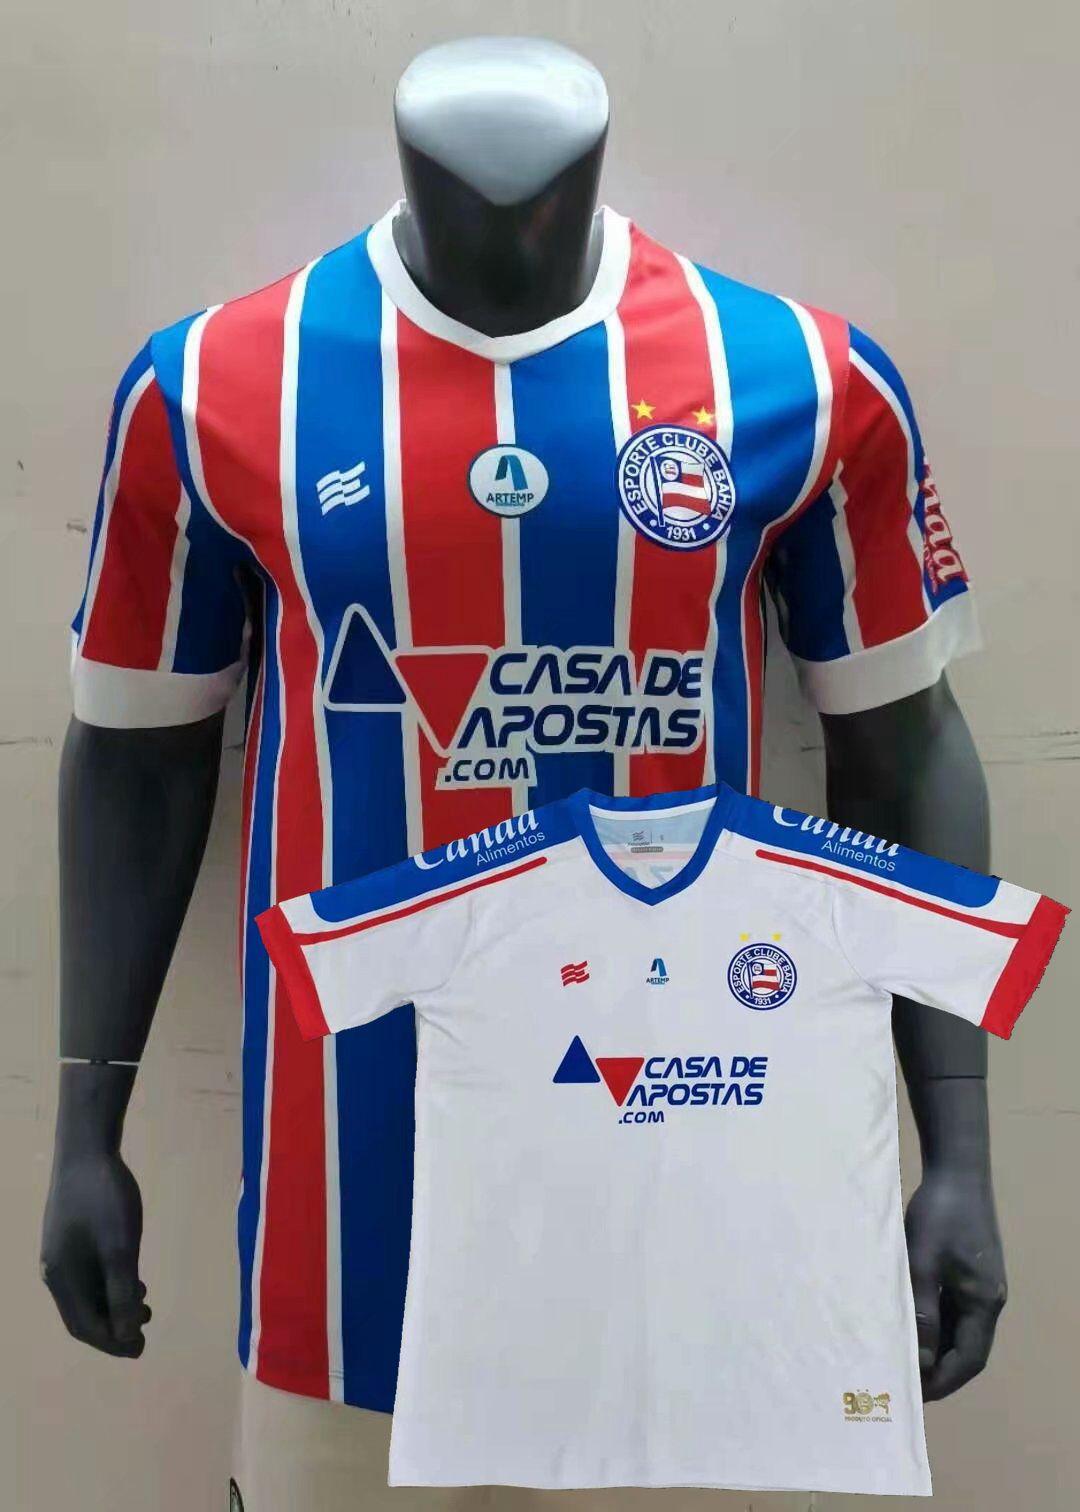 Acquista 2021 2022 Maglie Di Calcio BAHIA BAHIA Home Away 21 22 Jersey Di Camicia Da Calcio A 11,47 € Dal Xx233792844   It.DHgate.Com